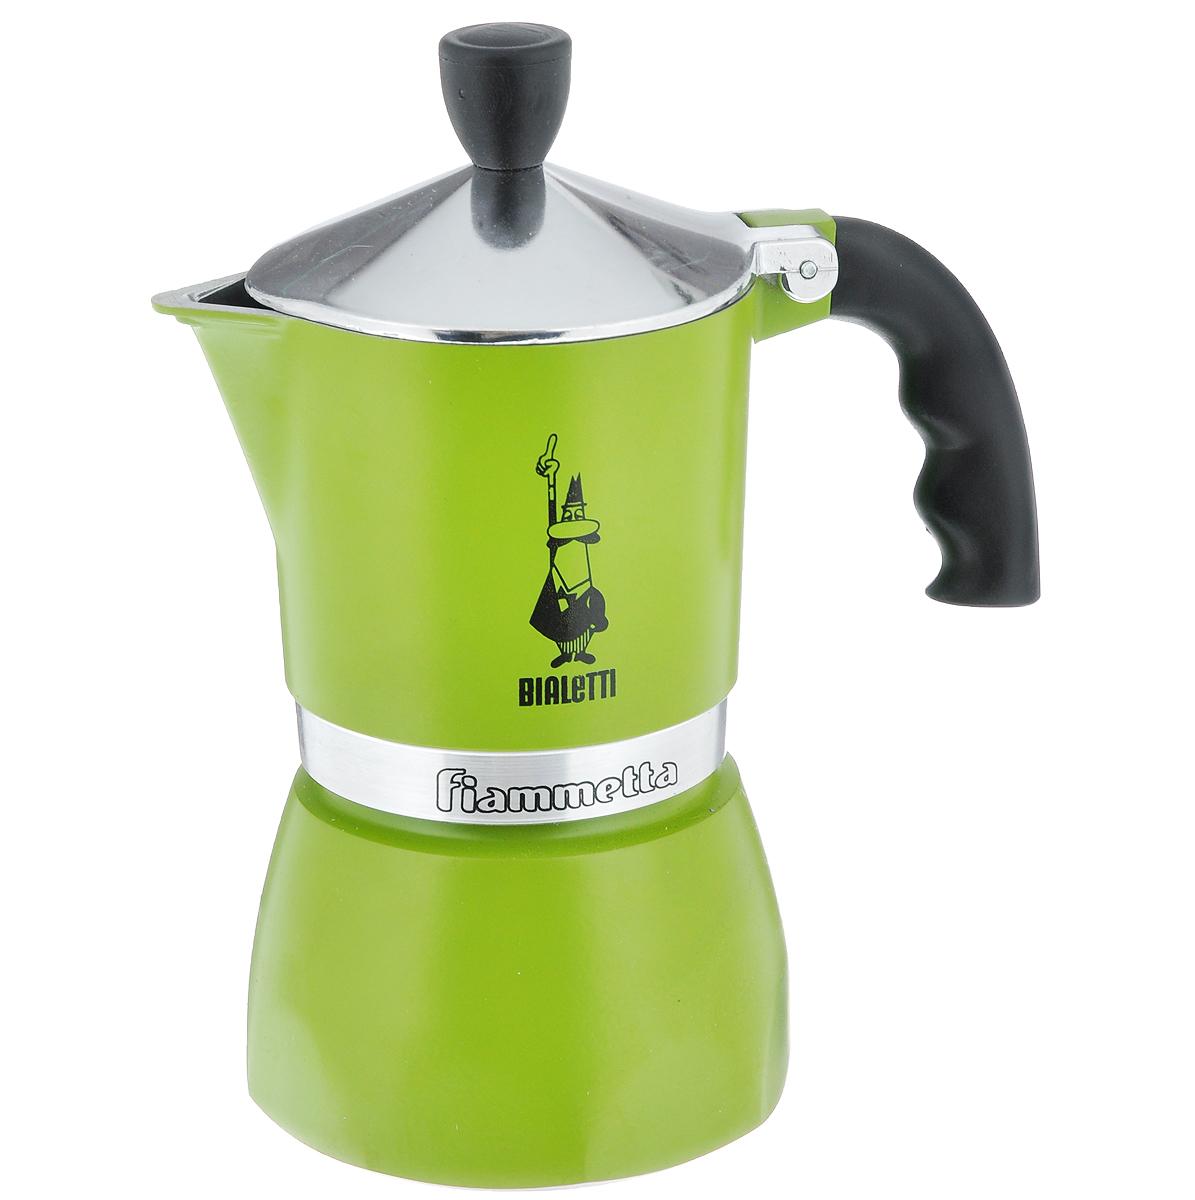 Кофеварка гейзерная Bialetti Fiametta Colors, на 3 чашки, цвет: зеленый3962Компактная гейзерная кофеварка Bialetti Fiametta Colors изготовлена из высококачественного алюминия. Объема кофе хватает на 3 чашки. Изделие оснащено удобной ручкой из бакелита.Принцип работы такой гейзерной кофеварки - кофе заваривается путем многократного прохождения горячей воды или пара через слой молотого кофе. Удобство кофеварки в том, что вся кофейная гуща остается во внутренней емкости. Гейзерные кофеварки пользуются большой популярностью благодаря изысканному аромату. Кофе получается крепкий и насыщенный. Теперь и дома вы сможете насладиться великолепным эспрессо. Подходит для газовых, электрических и стеклокерамических плит. Нельзя мыть в посудомоечной машине. Высота (с учетом крышки): 18 см.